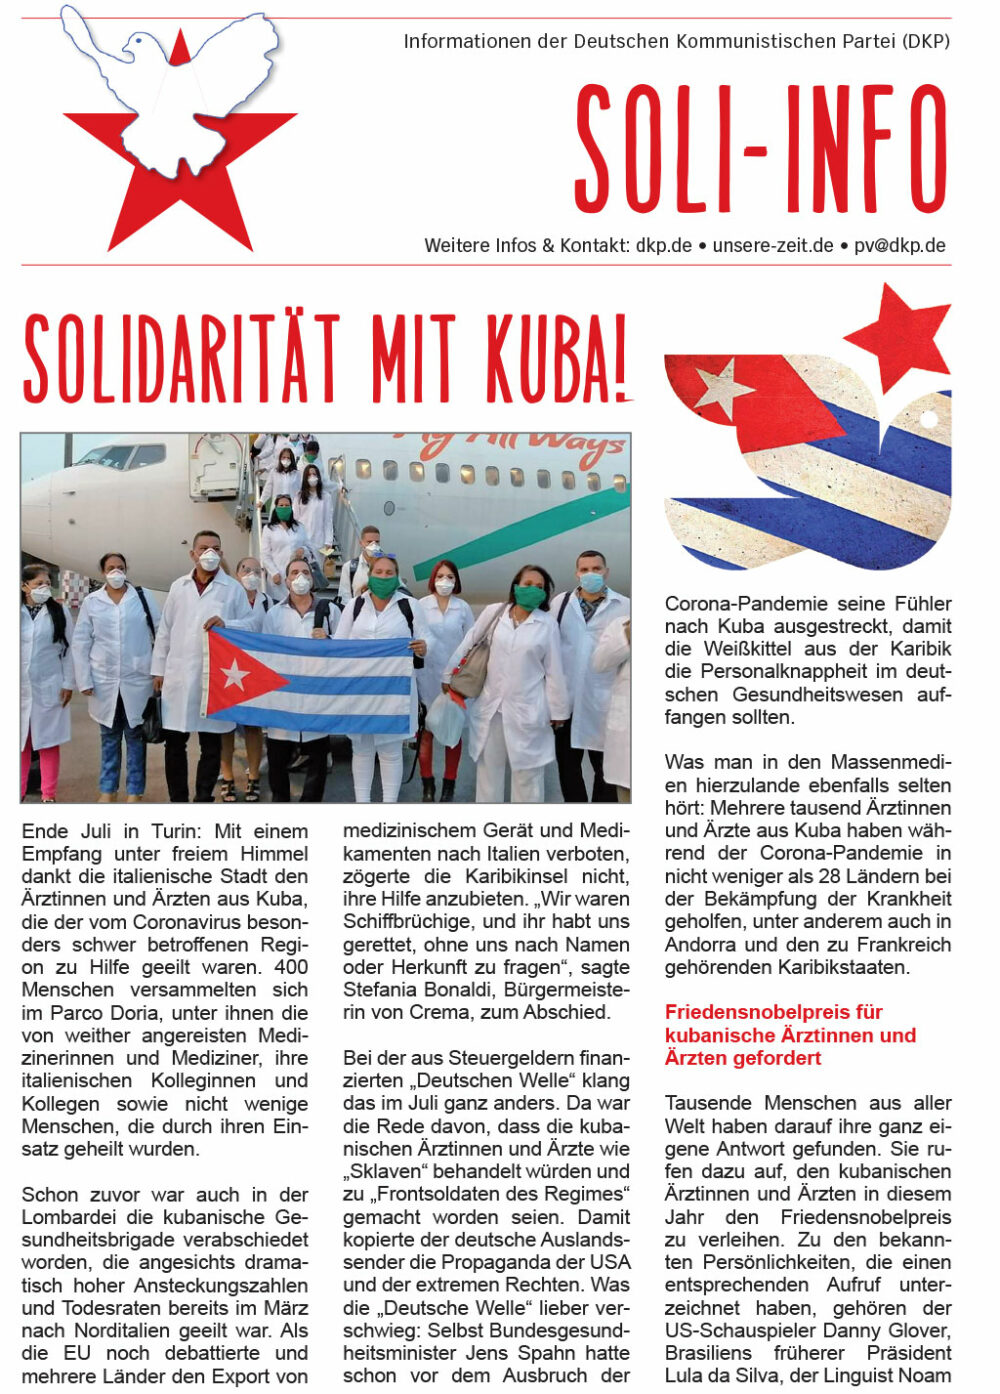 DKP-Soli-Info-Kuba